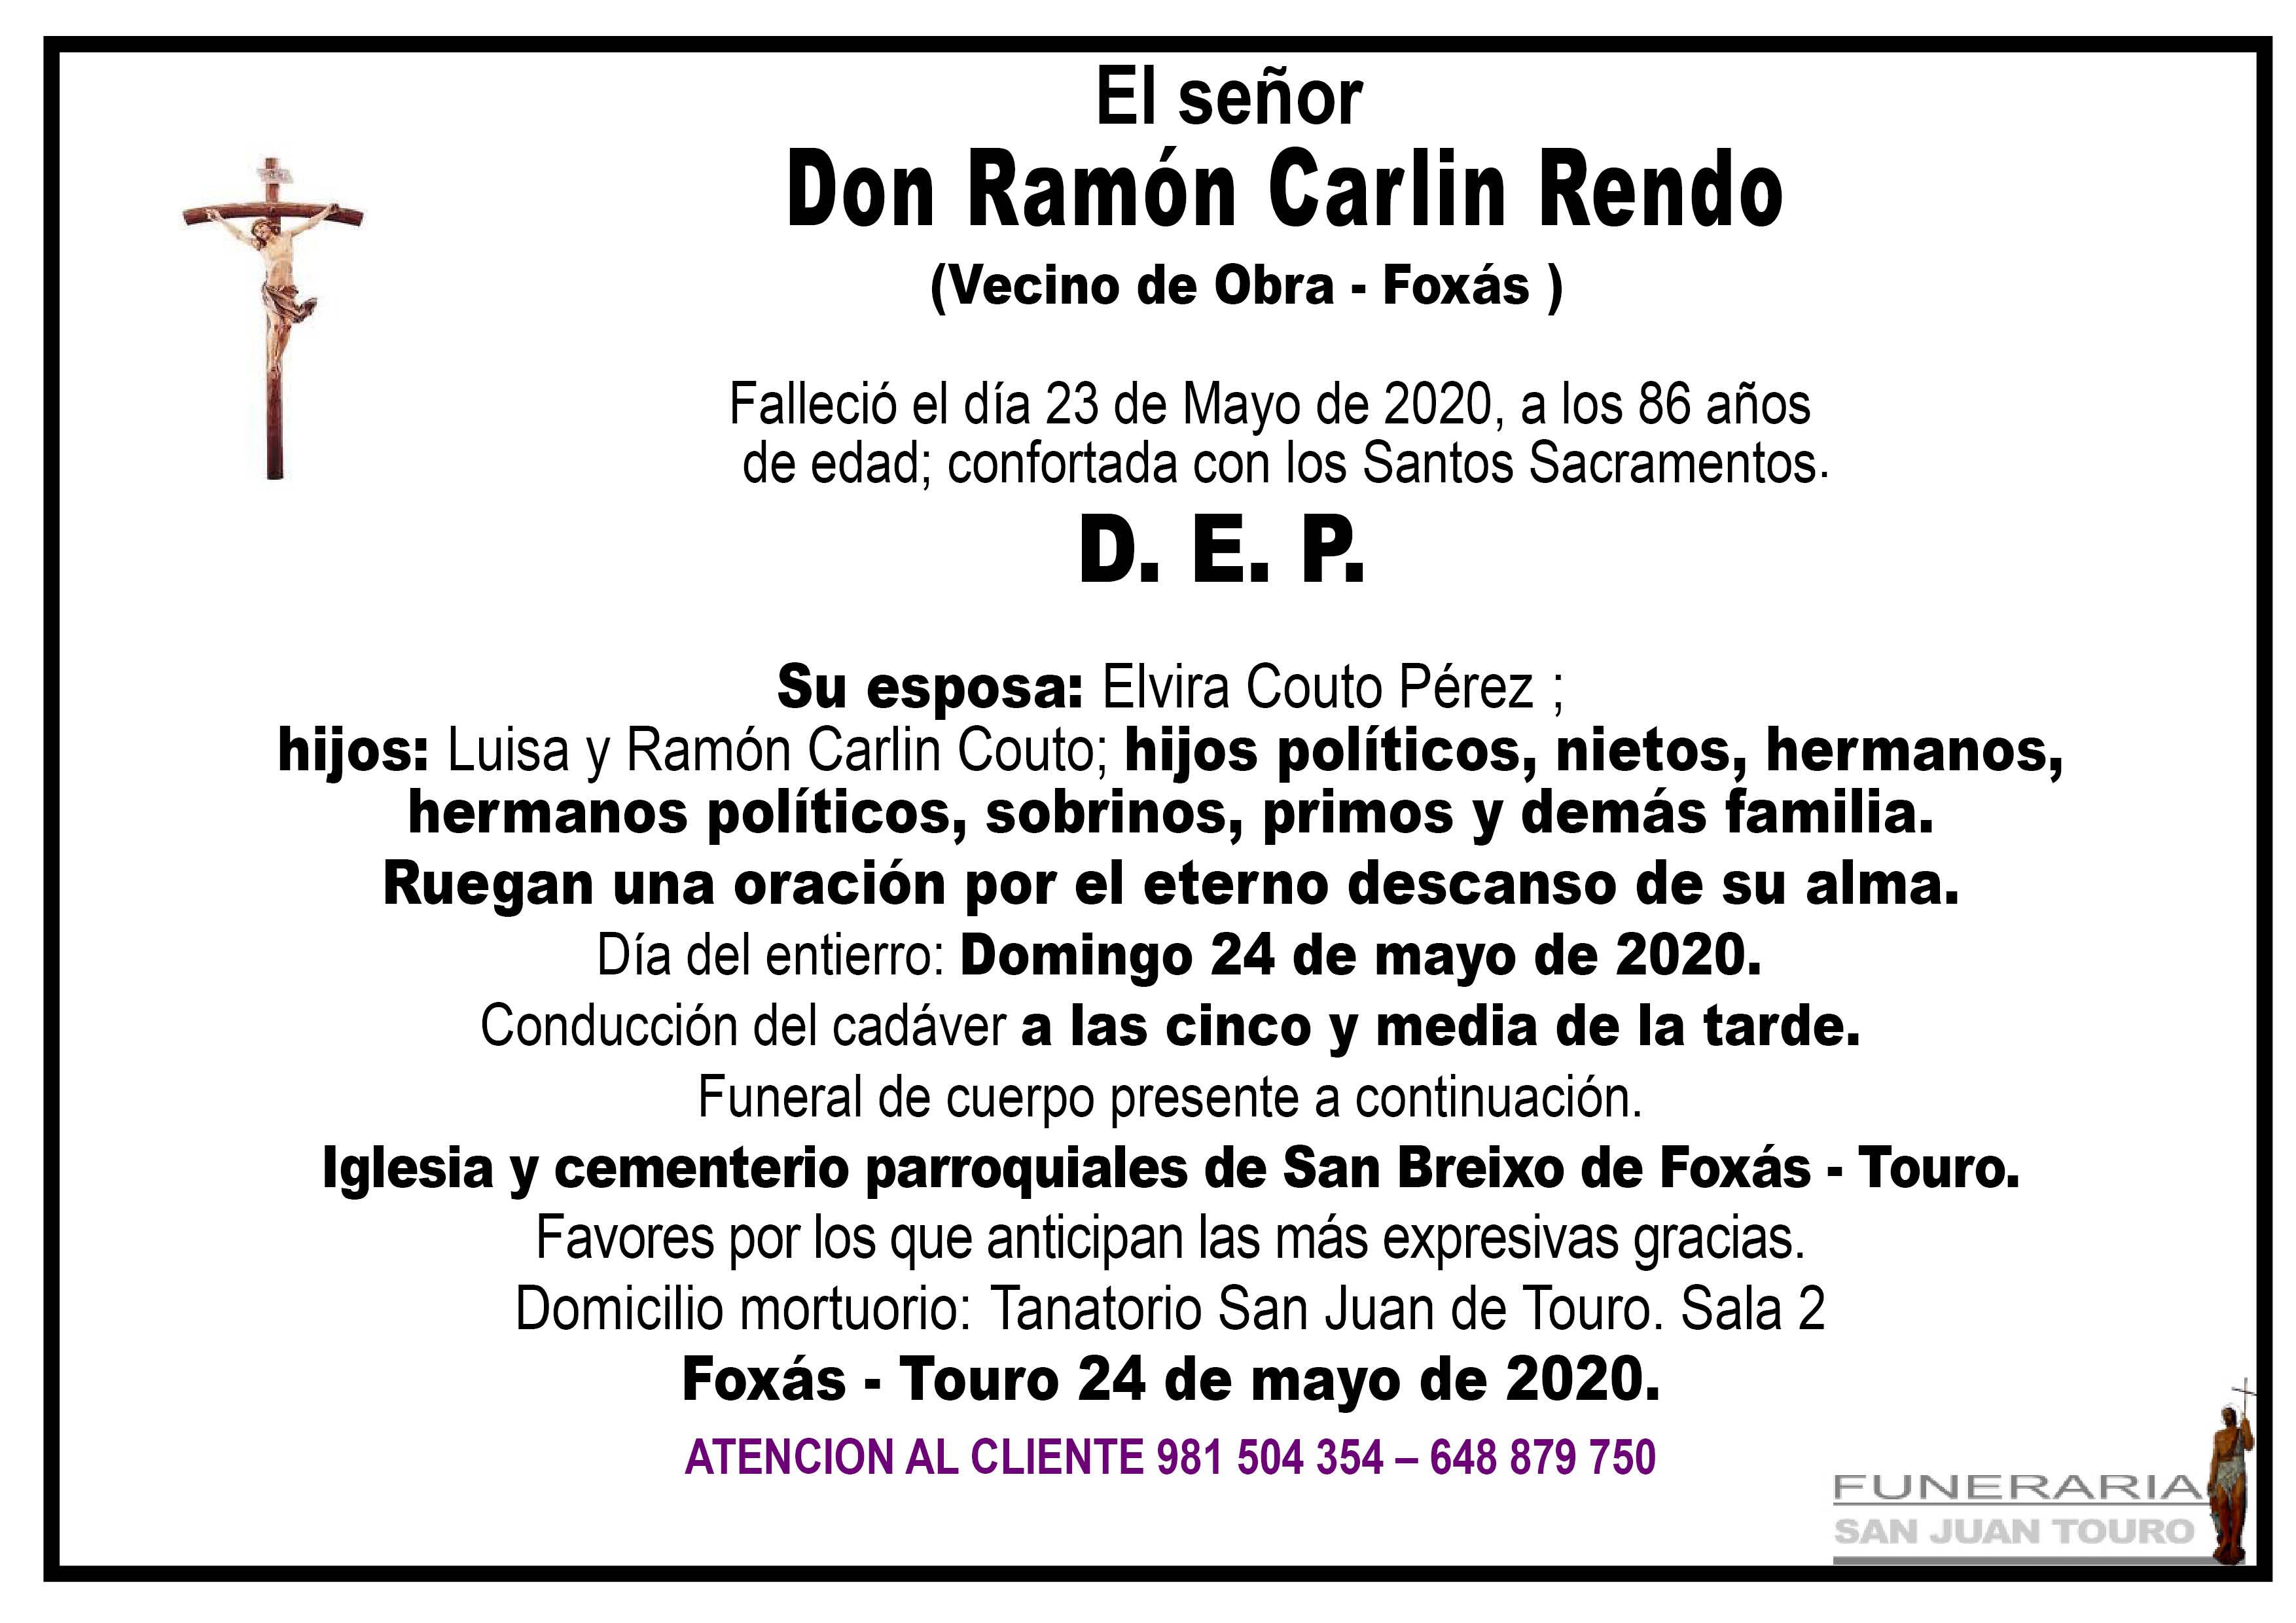 Esquela de SEPELIO DE DON RAMÓN CARLIN RENDO